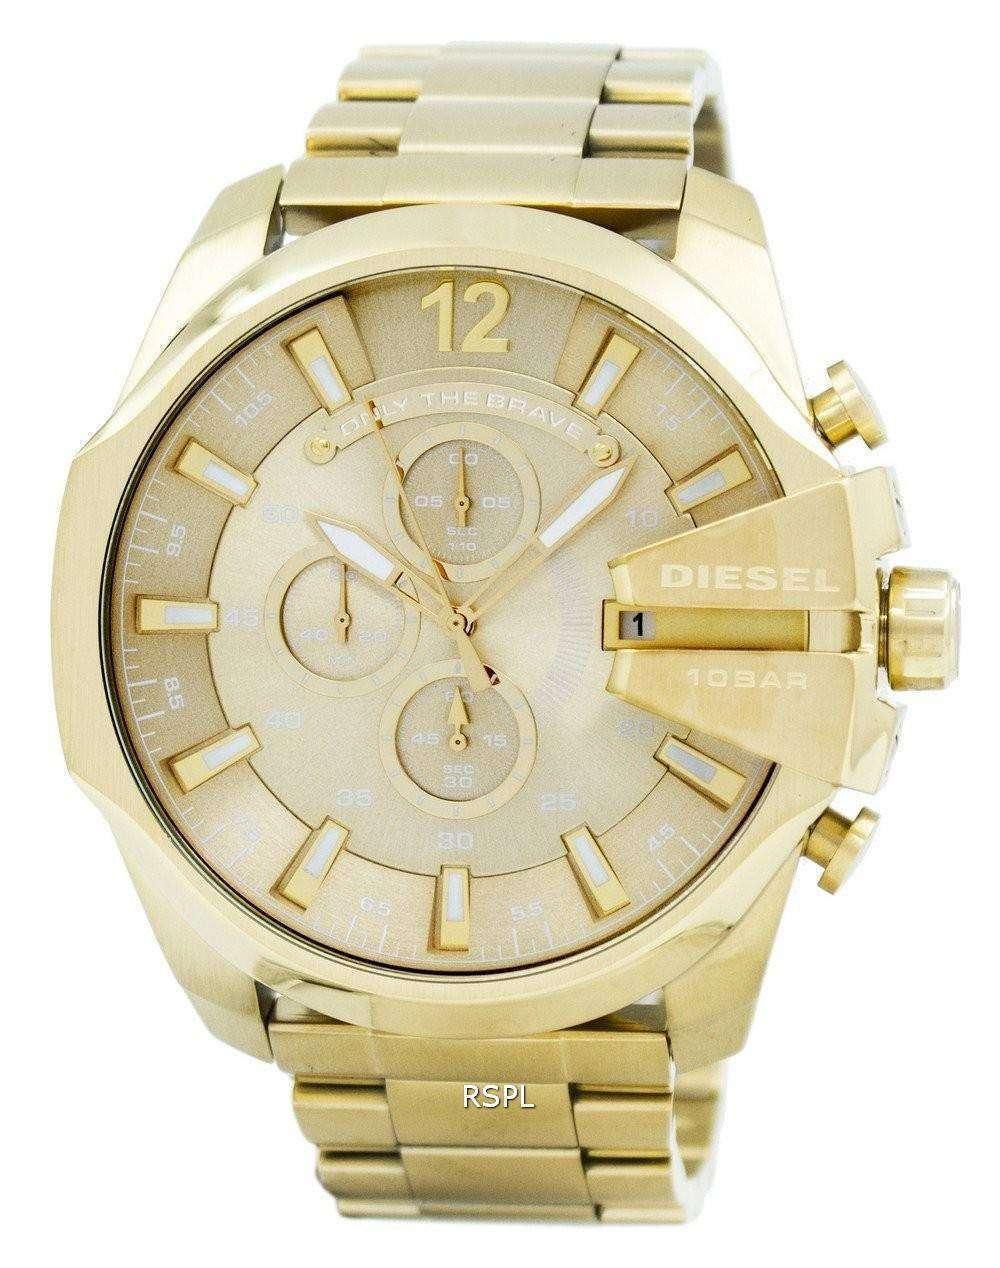 Diesel Quartz Mega Super Chronograph Gold Tone DZ4360 Men's Watch